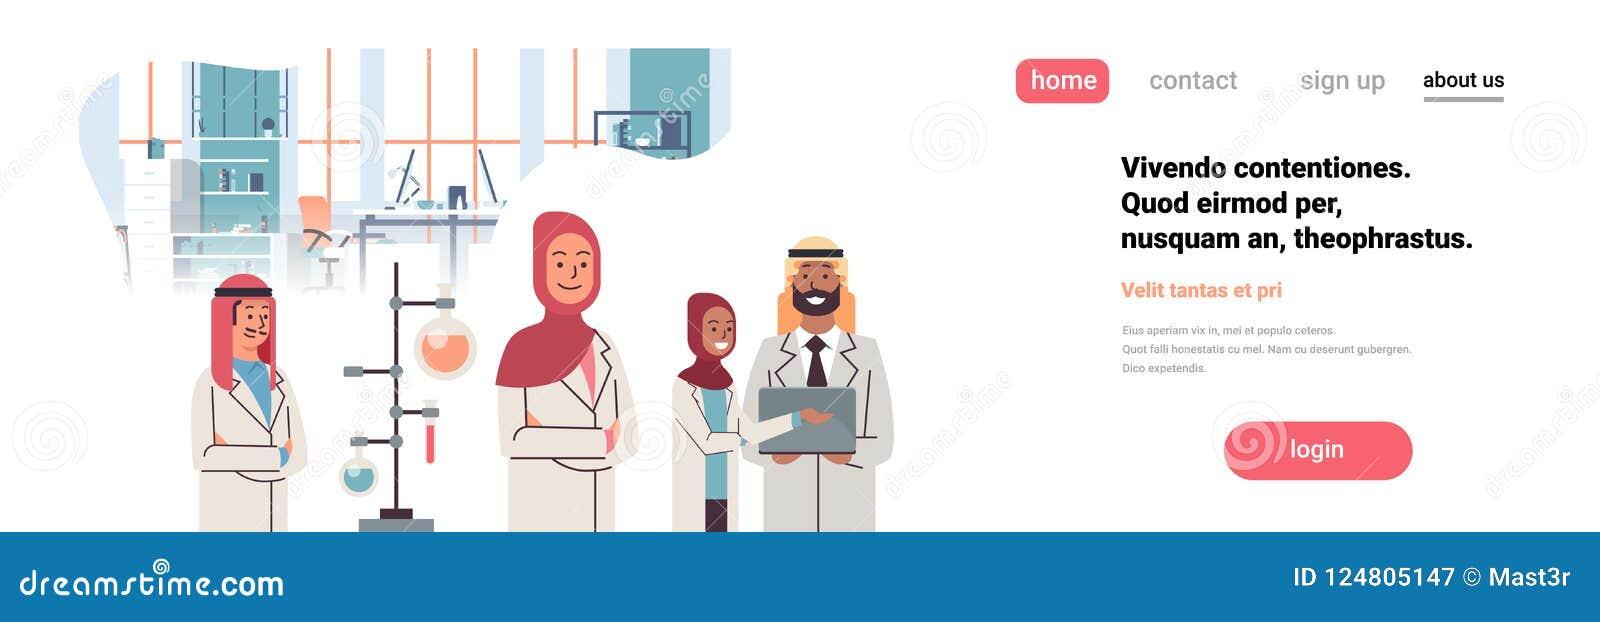 Αραβικοί επιστήμονες ομάδας που απασχολούνται στο εργαστήριο που κάνει dropper σωλήνων ερευνητικής δοκιμής τα αραβικά πειράματα χ